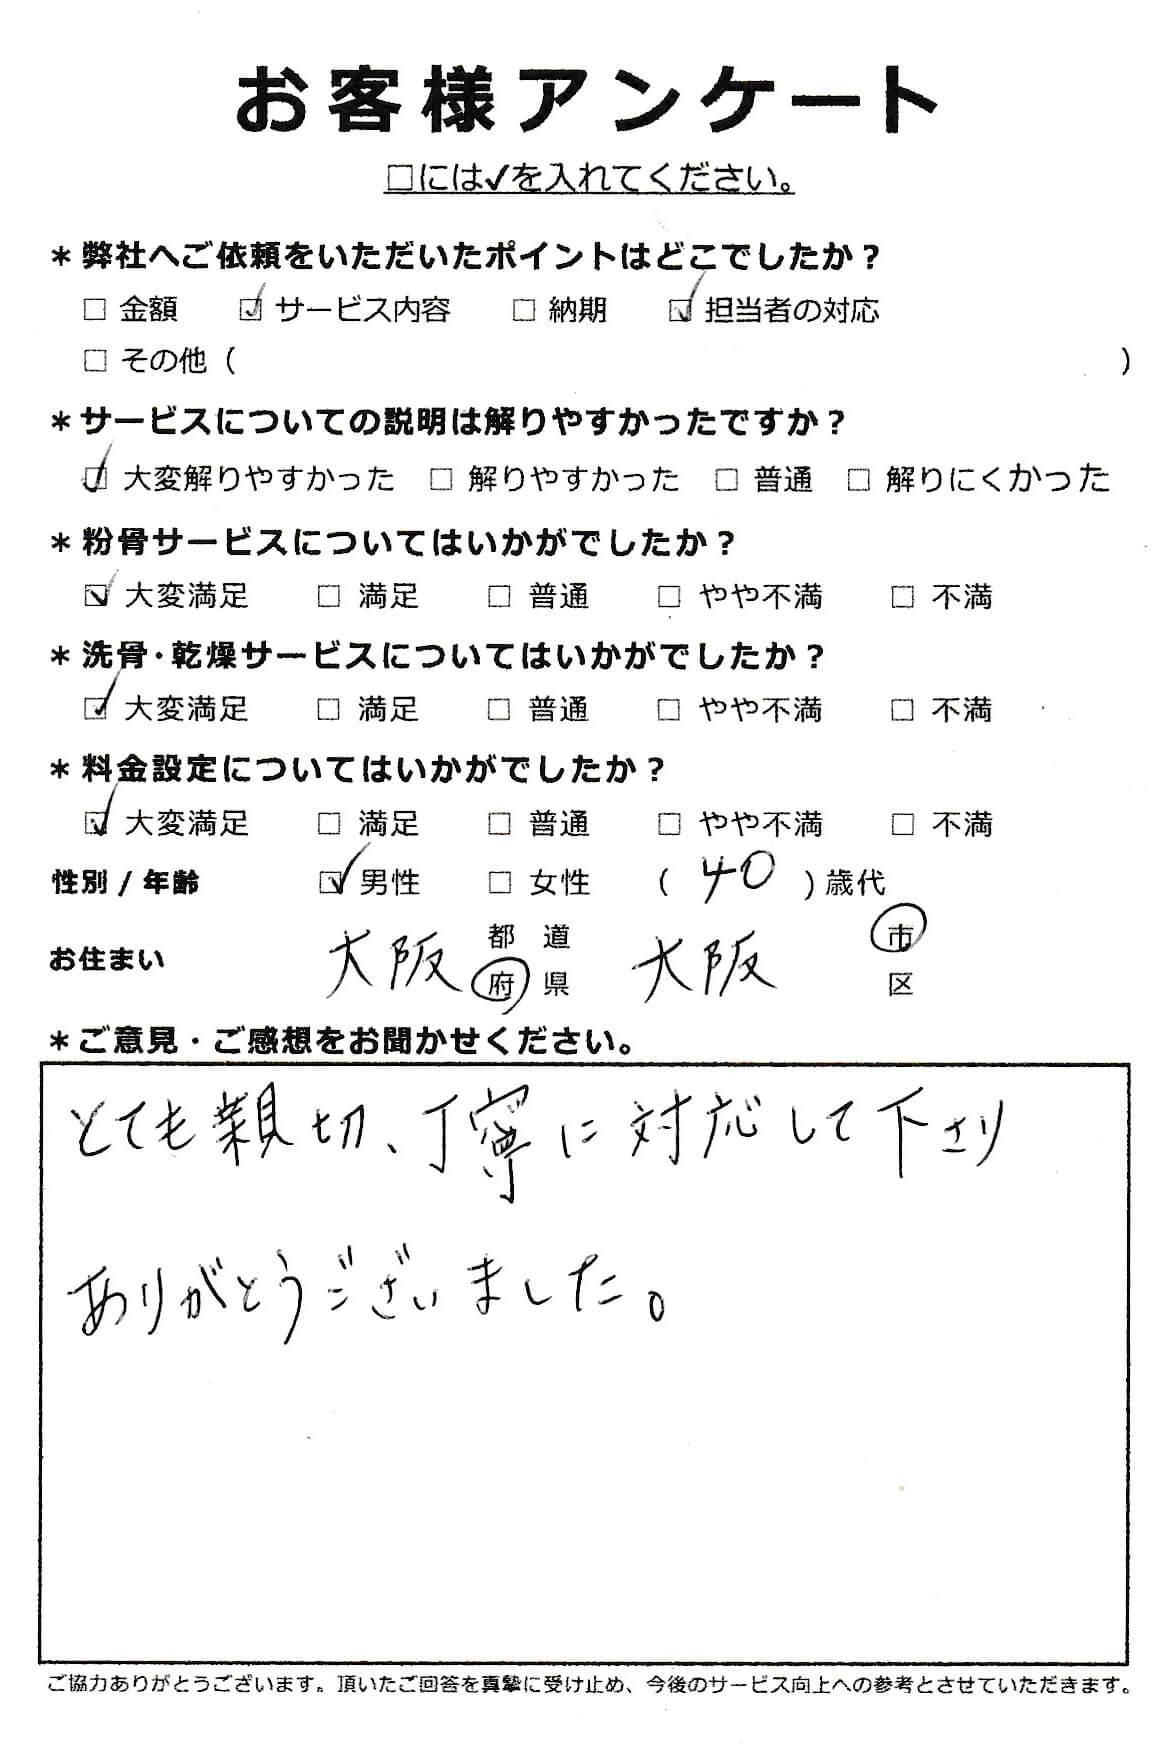 大阪府大阪市での粉骨・洗骨サービス